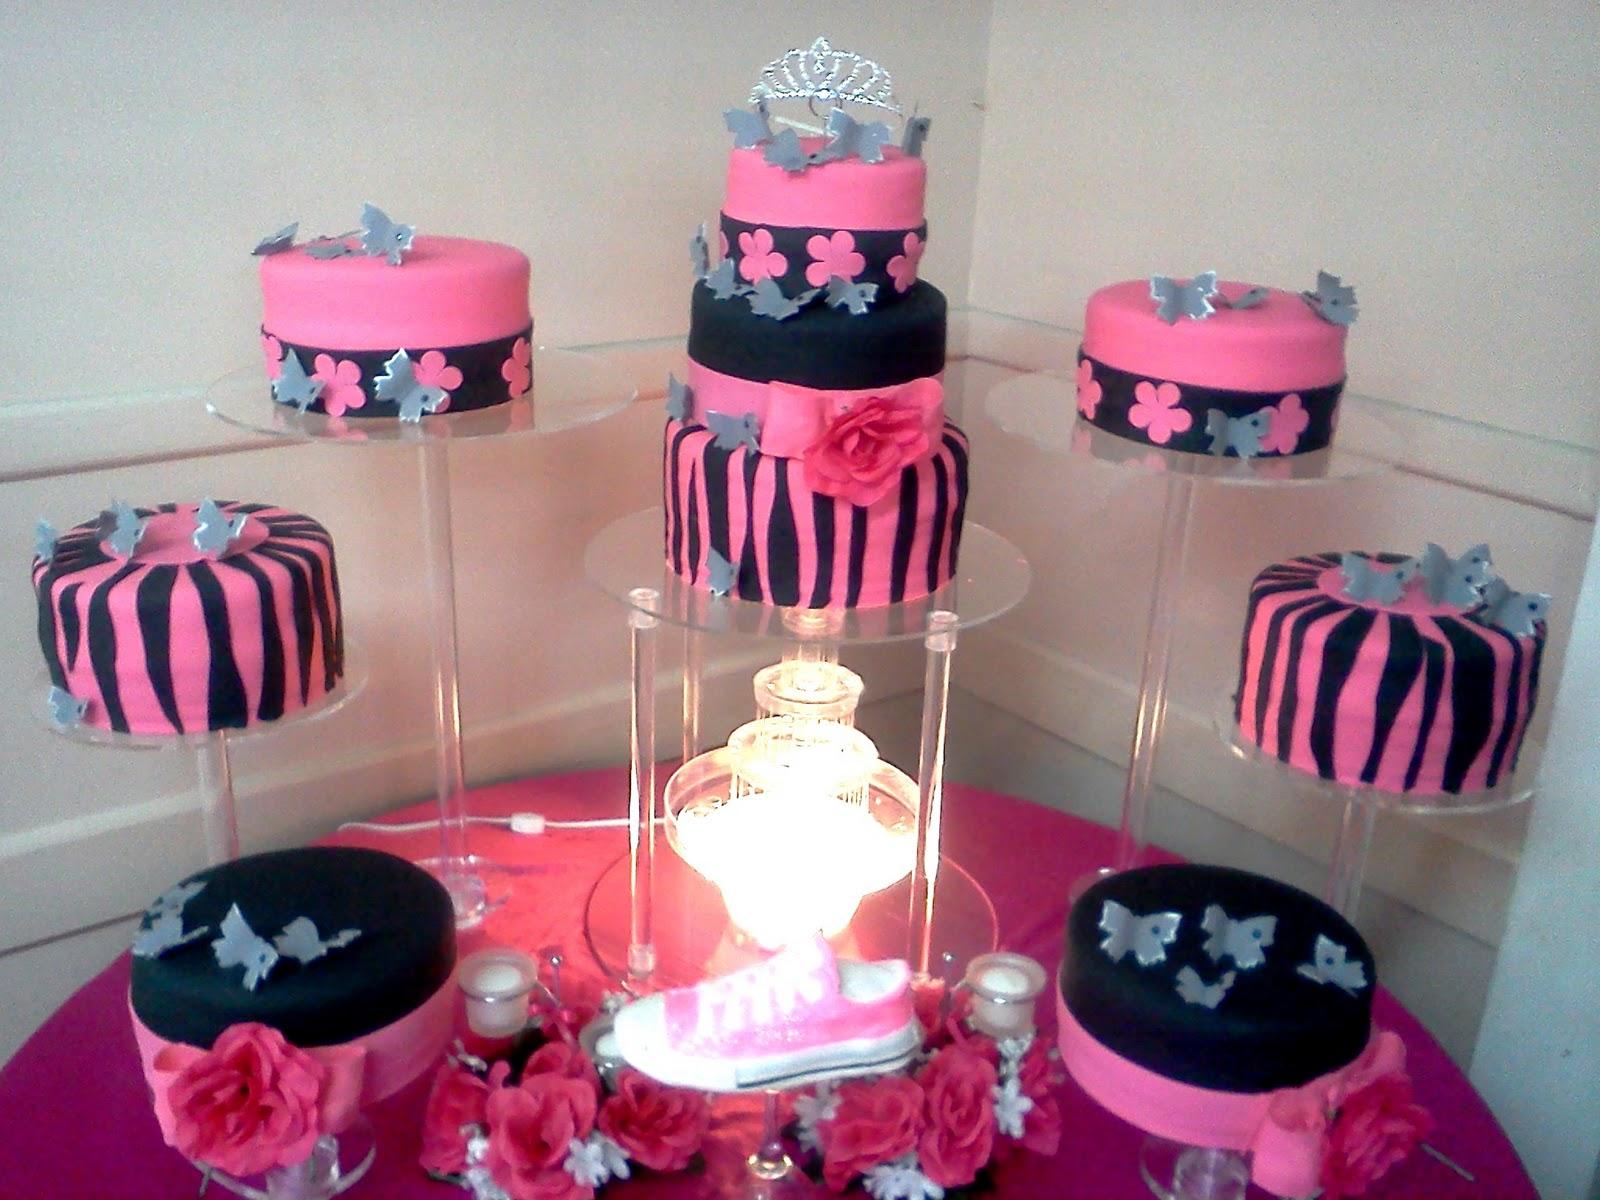 Cakes Sarasota.com by Claudia Diaz